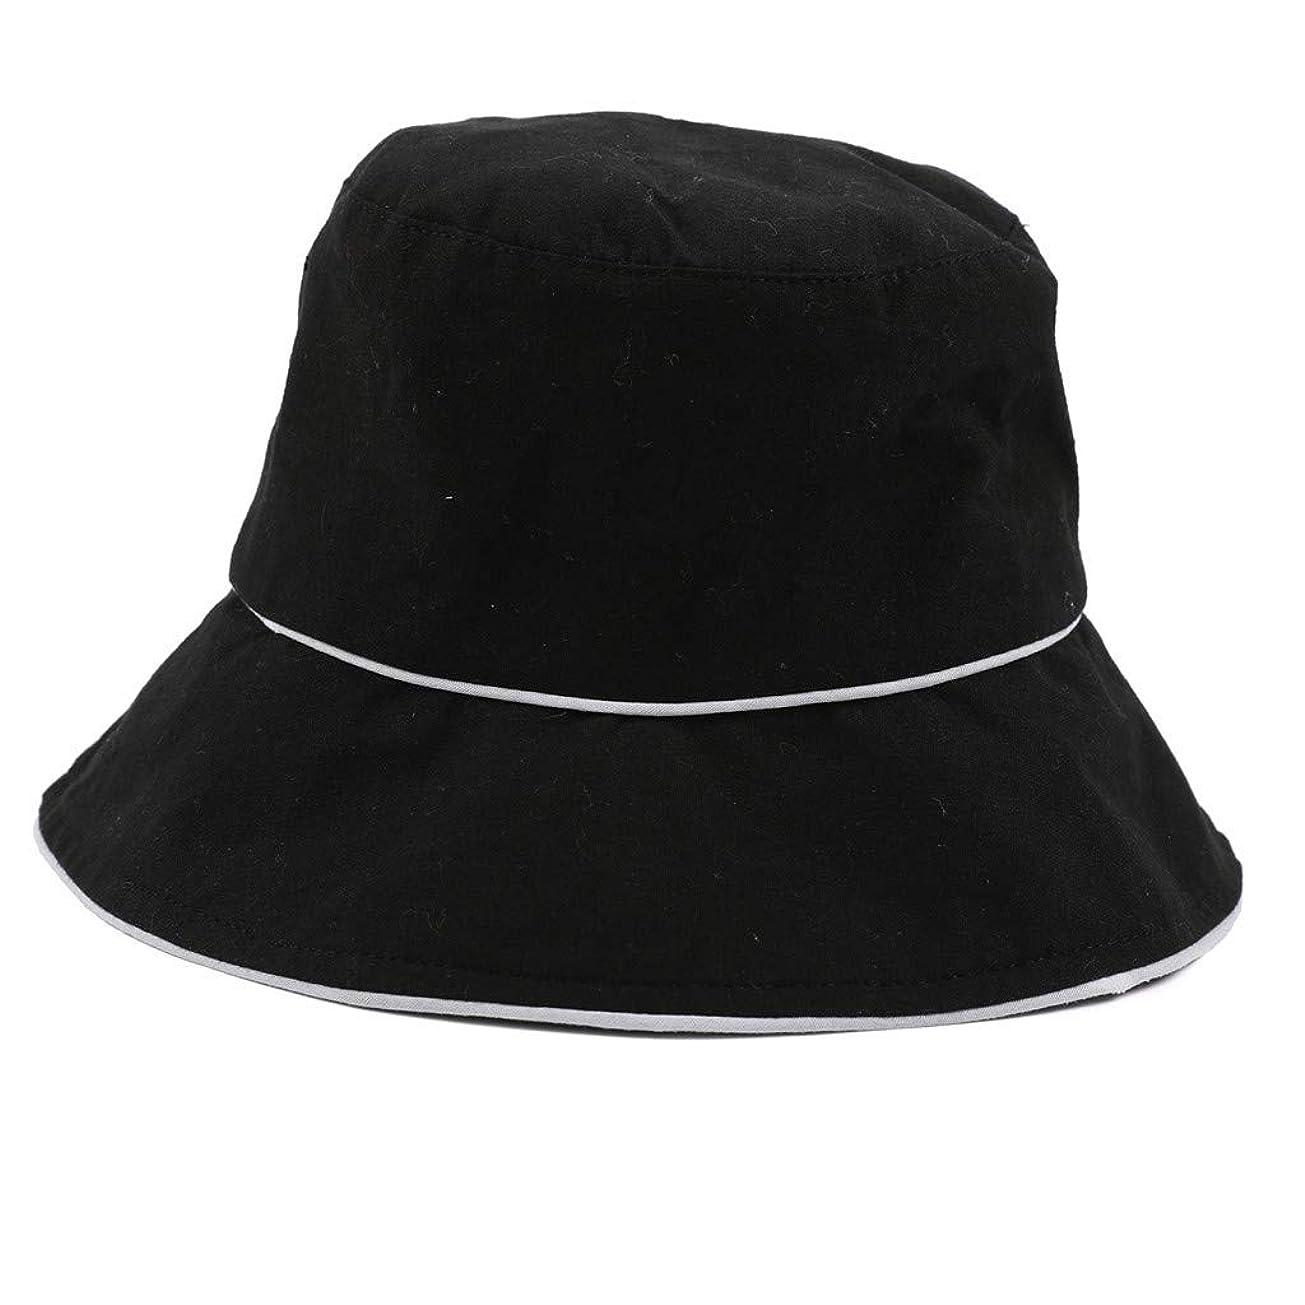 墓地事実上心理的ROSE ROMAN - 帽子 レディース uv 漁師の帽子 99%uvカット 小顔効果抜群 帽子 サイズ調整 テープ キャップ 黒 漁師帽 おしゃれ 可愛い ハット 折りたたみ 紫外線対策 ファッション ワイルド カジュアル リゾート 旅行